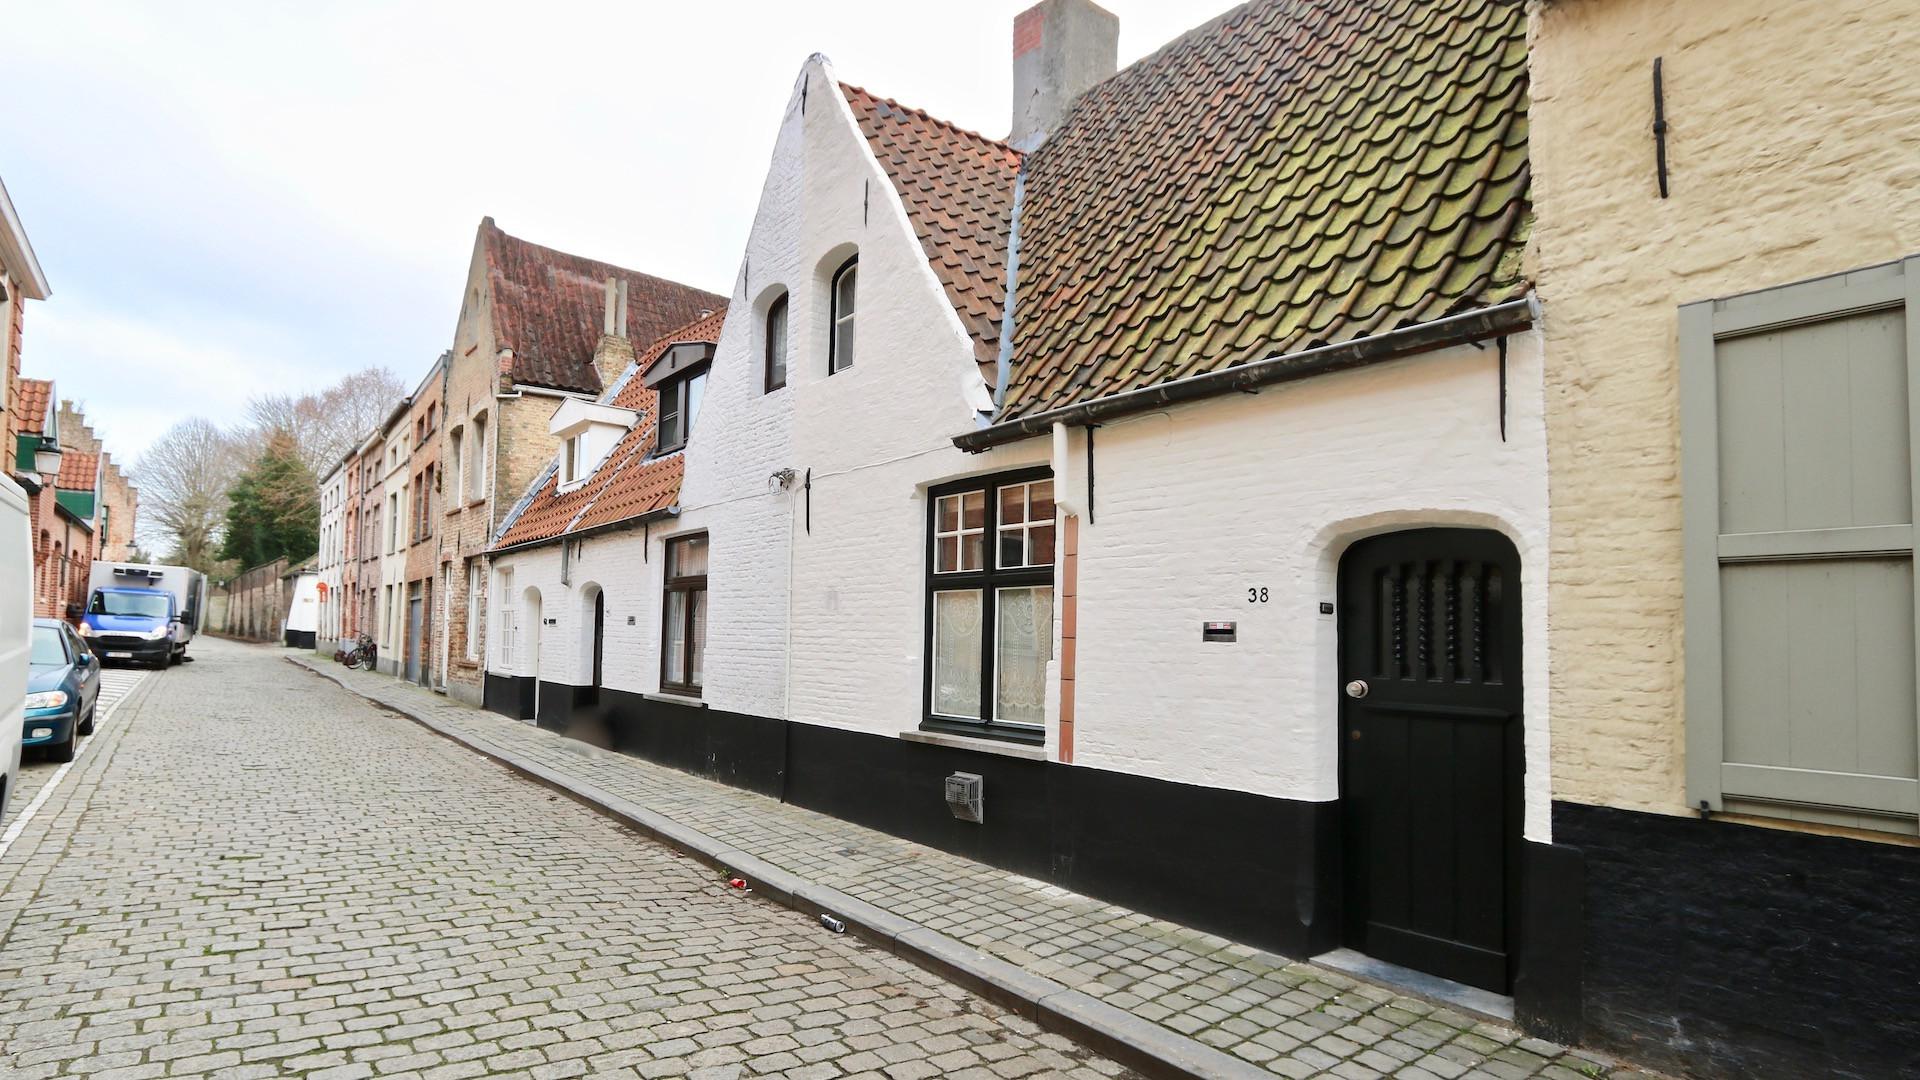 16e-17e eeuws Brugs huis nabij Spermalie met verrassend ruime uitbouw en diepe stadstuin met fietsenpoortje, 180 m2 grondoppervlakte